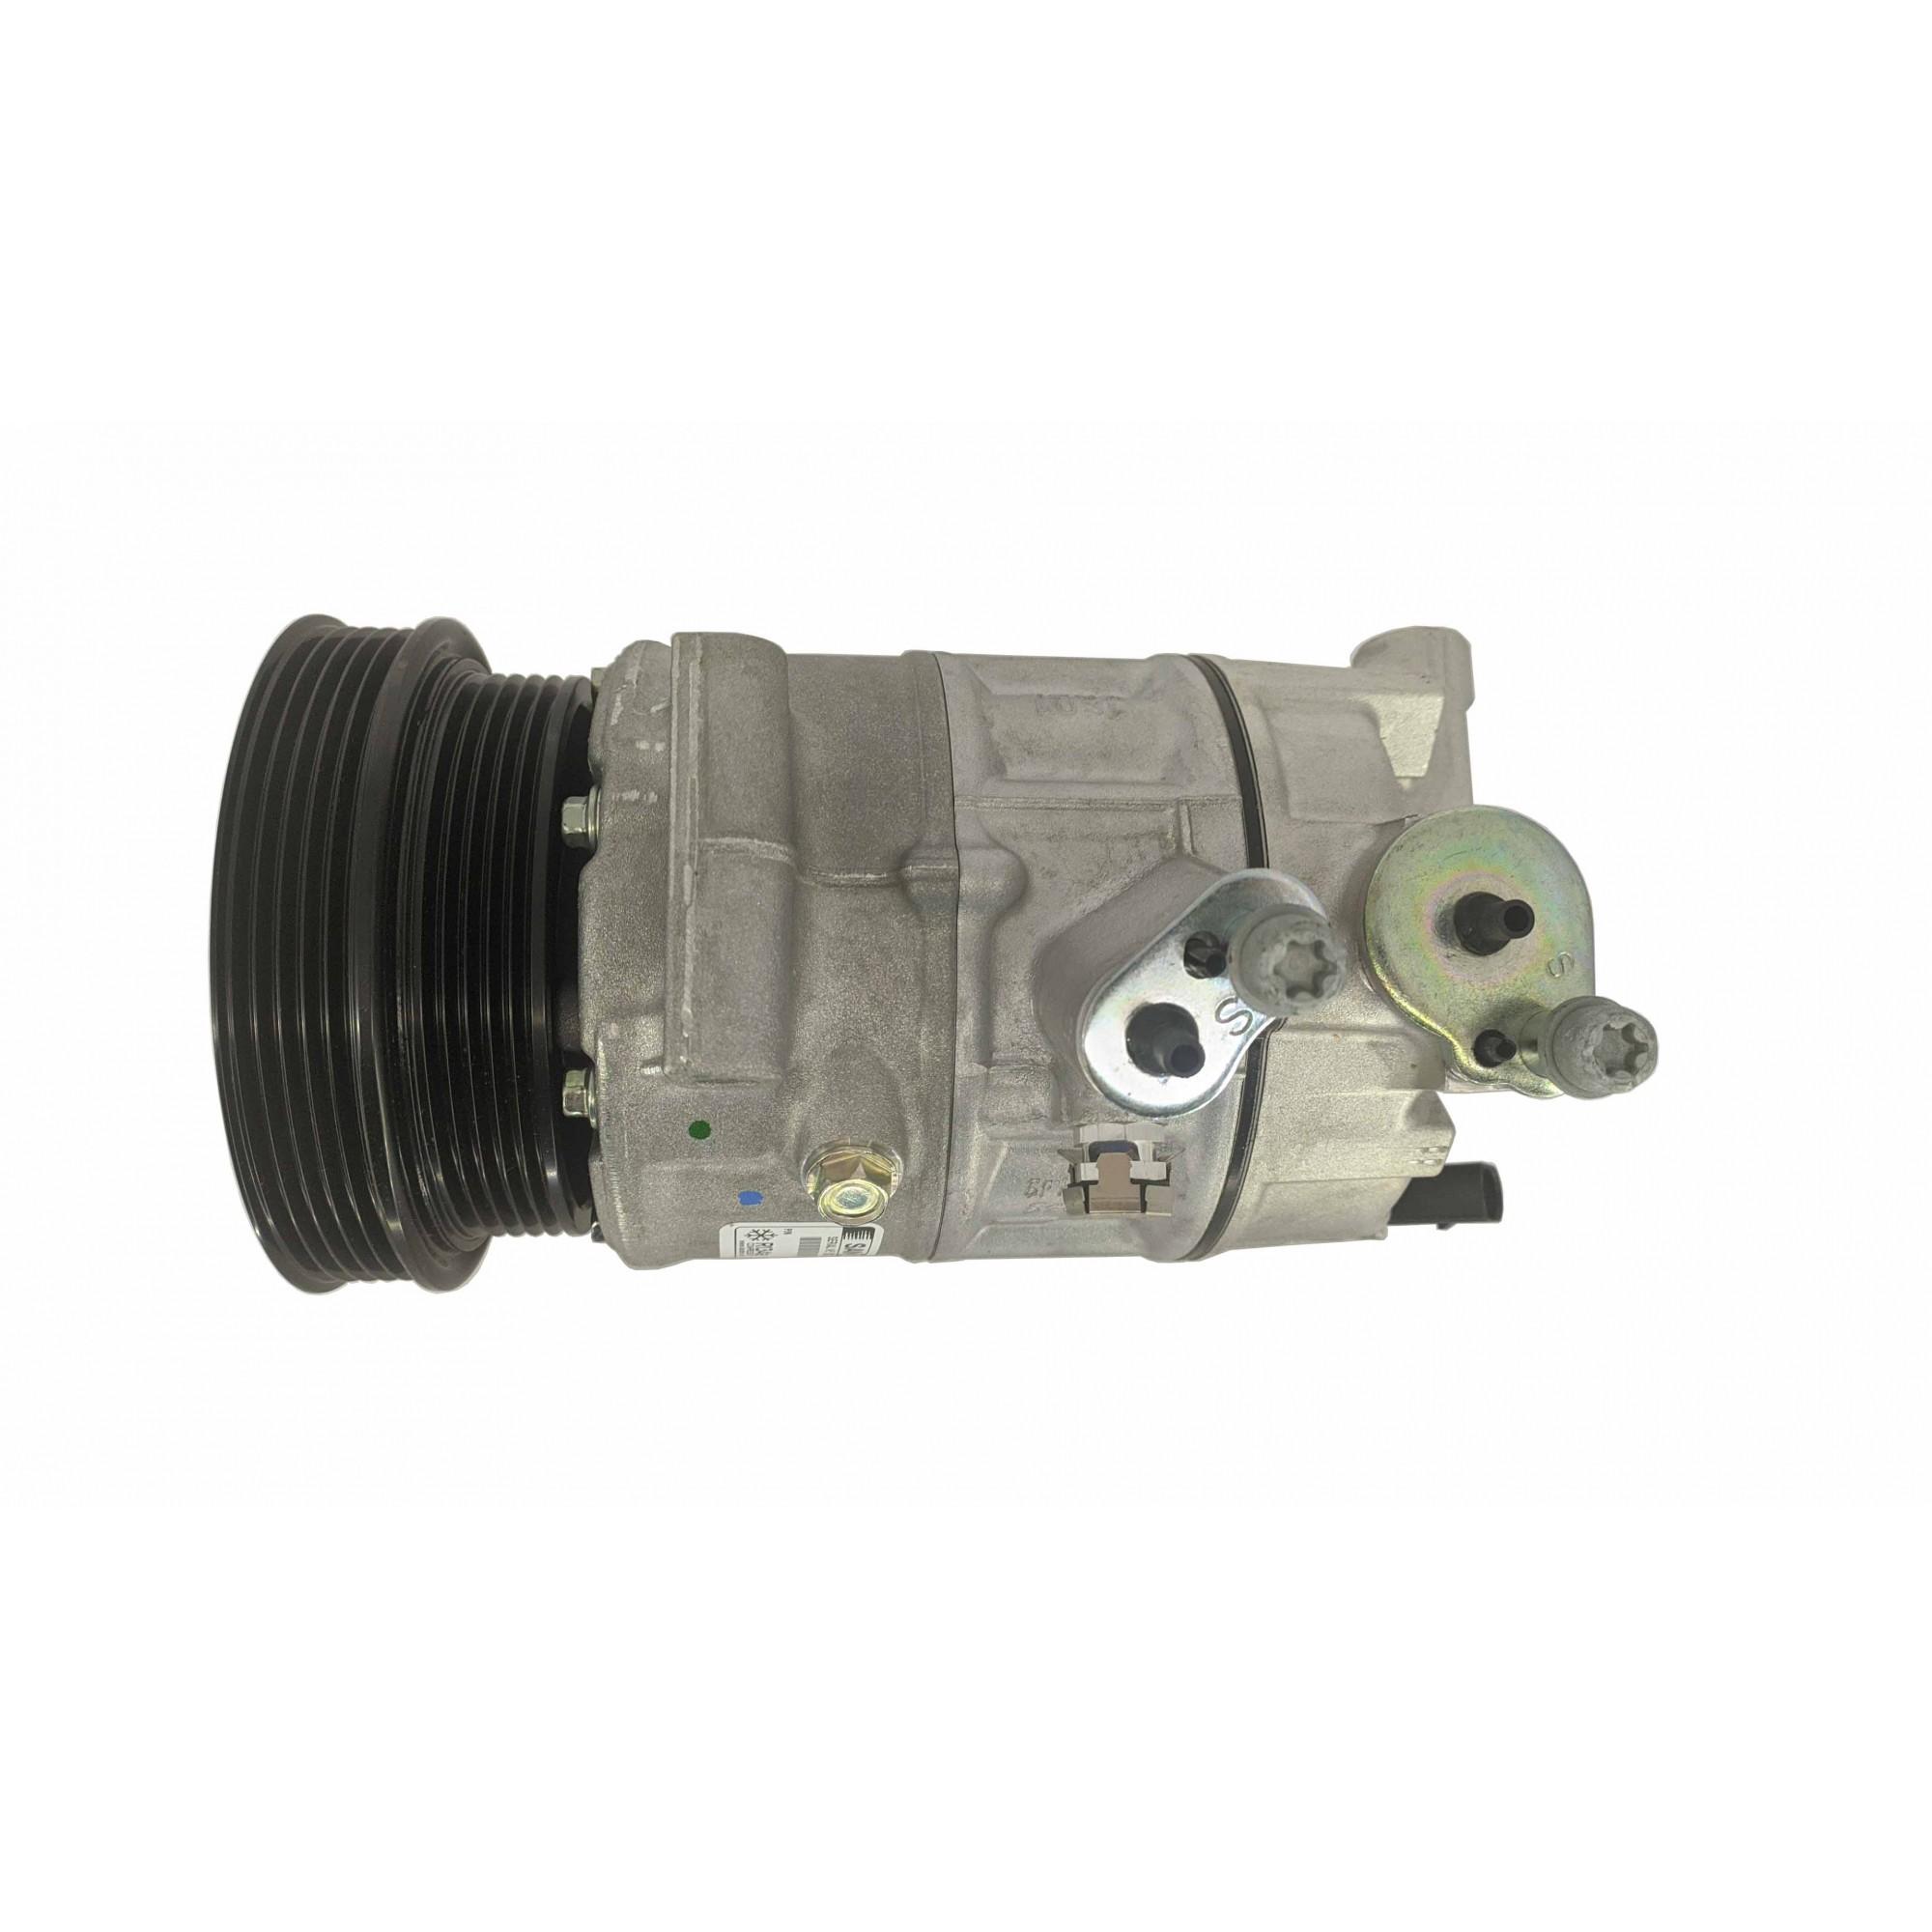 Compressor Jetta 2.5 ano 2007 Polia Dupla - Original SANDEN